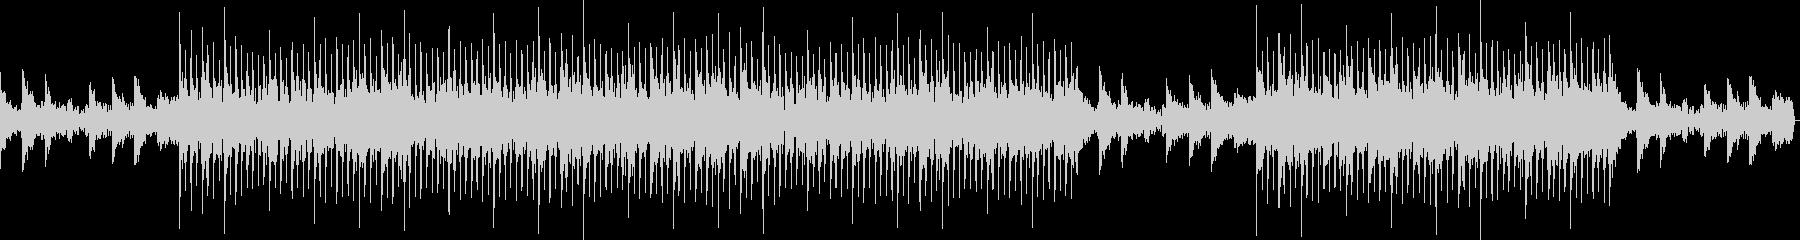 洋楽)夏の終り、エンディング感・バラードの未再生の波形